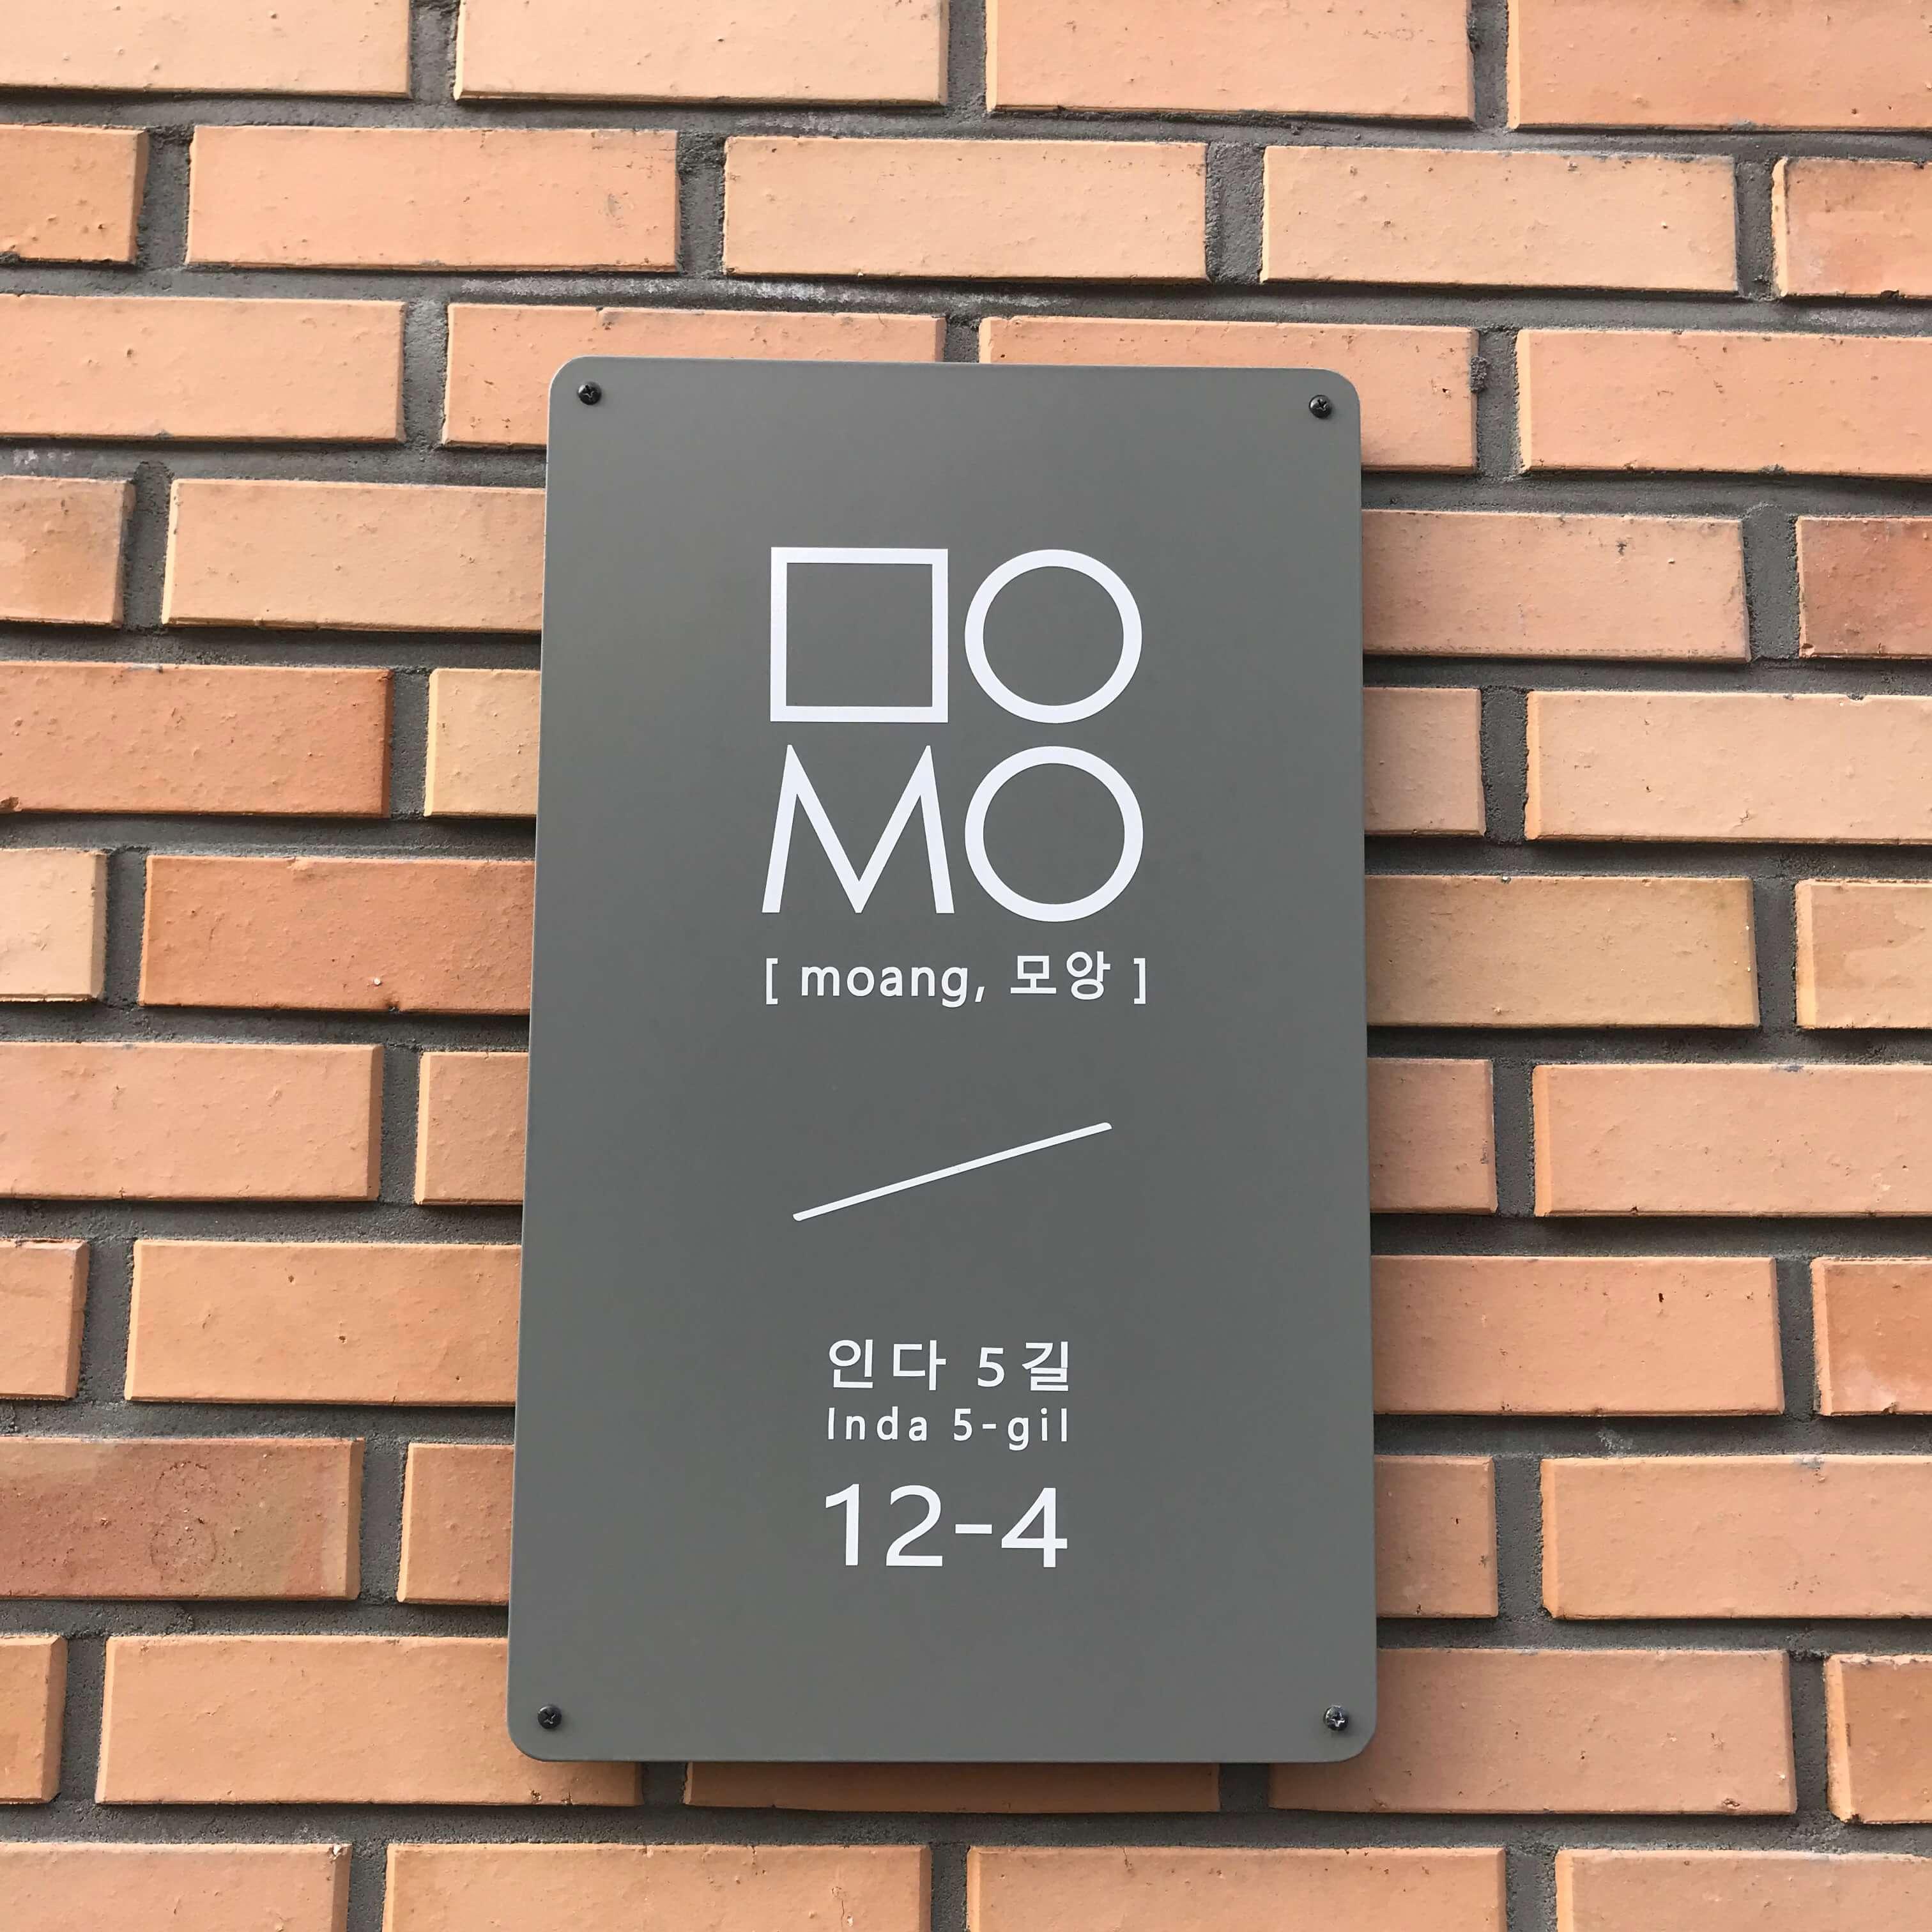 チェジュ島人気のカフェモアンの看板